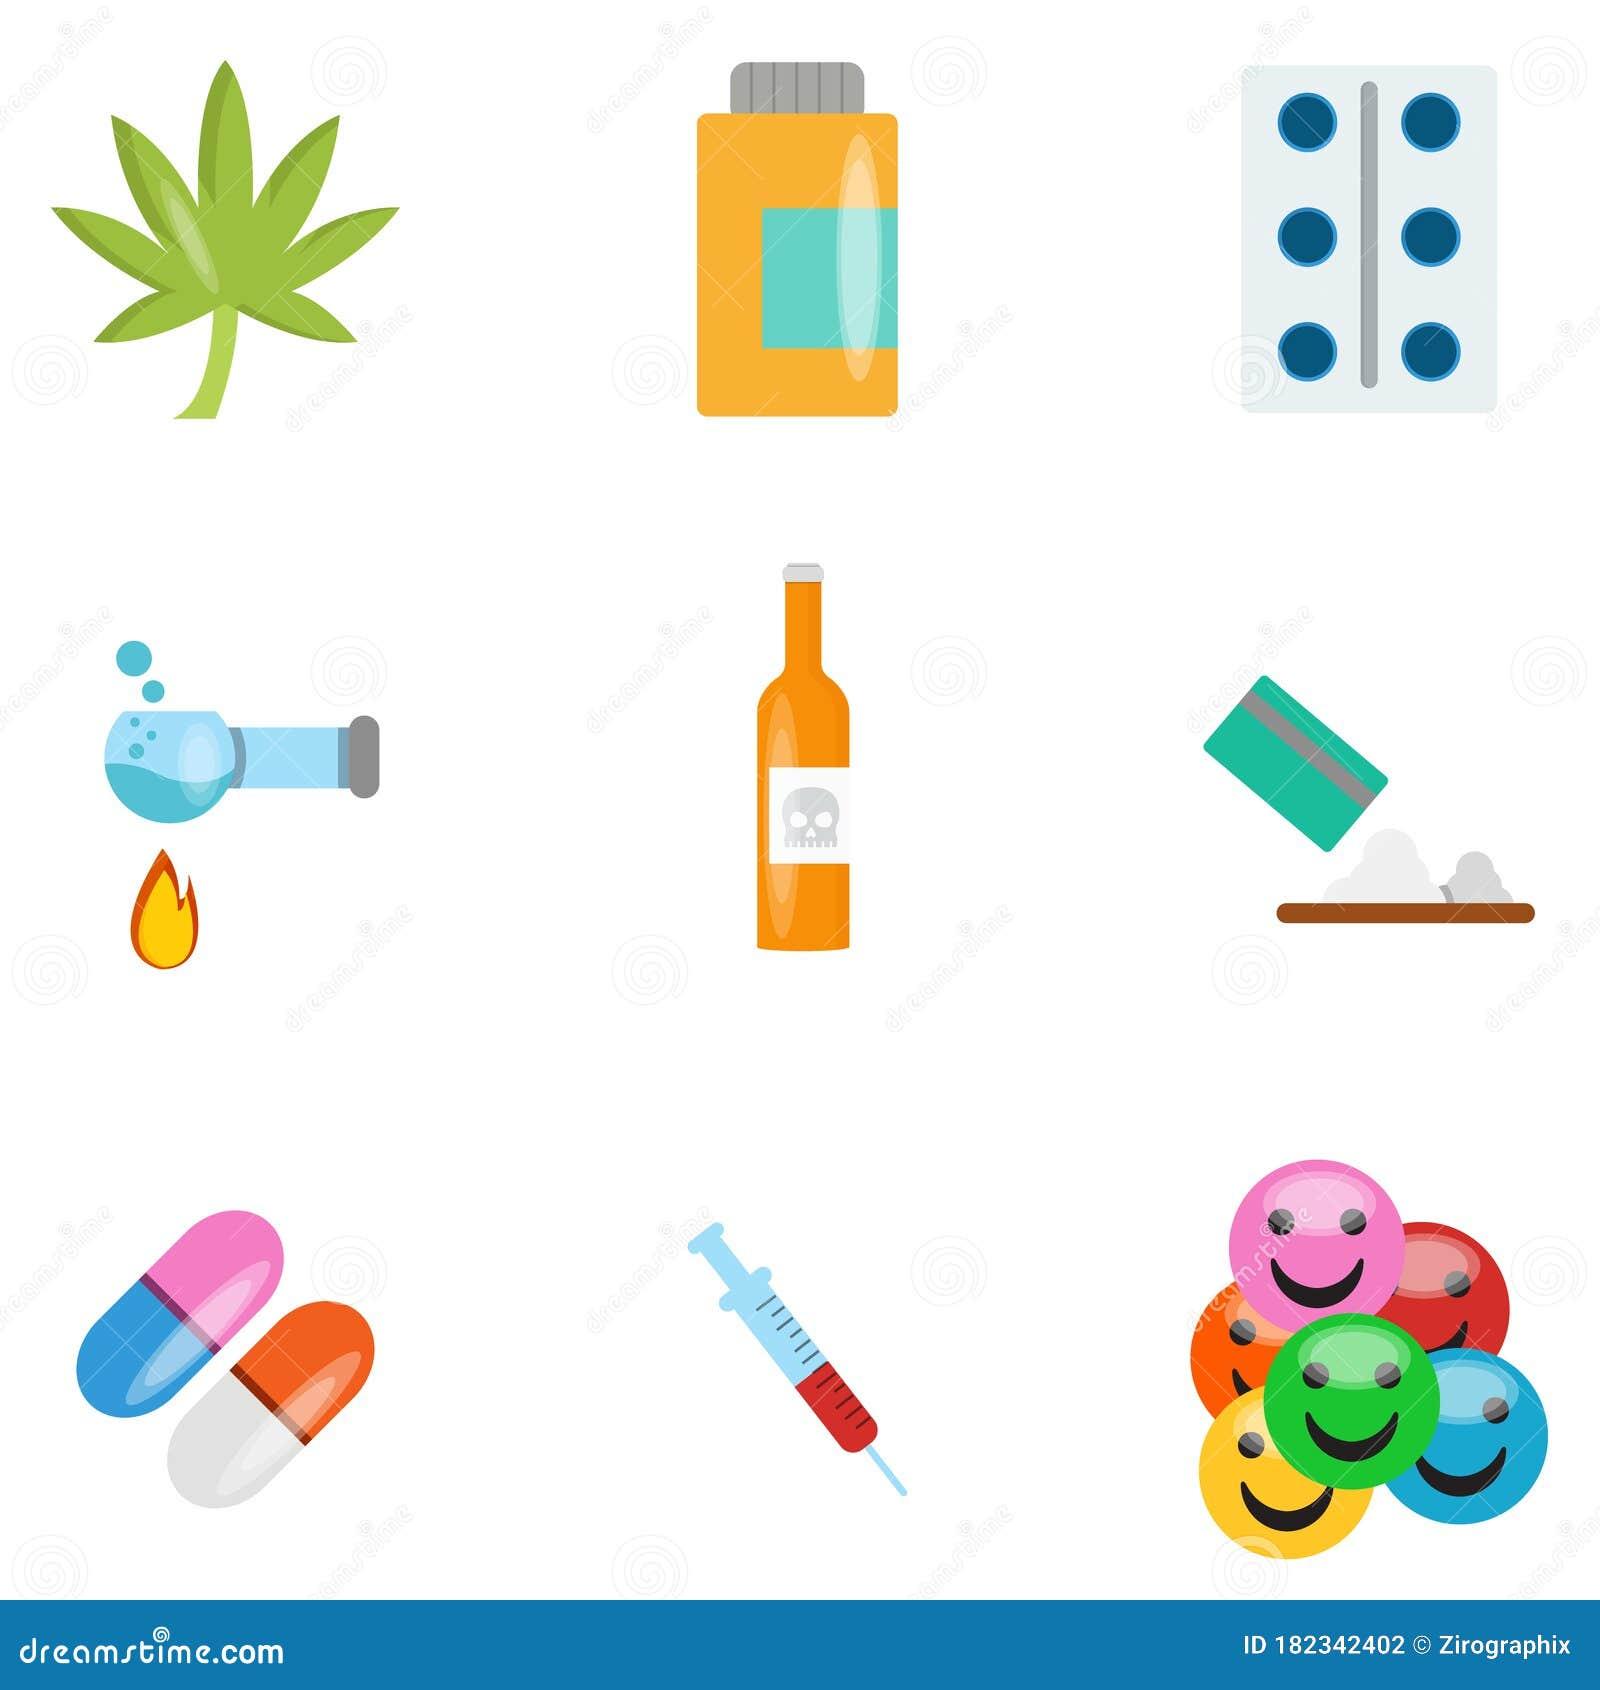 illegal drugs vector illustration design stock vector illustration of kids format 182342402 dreamstime com